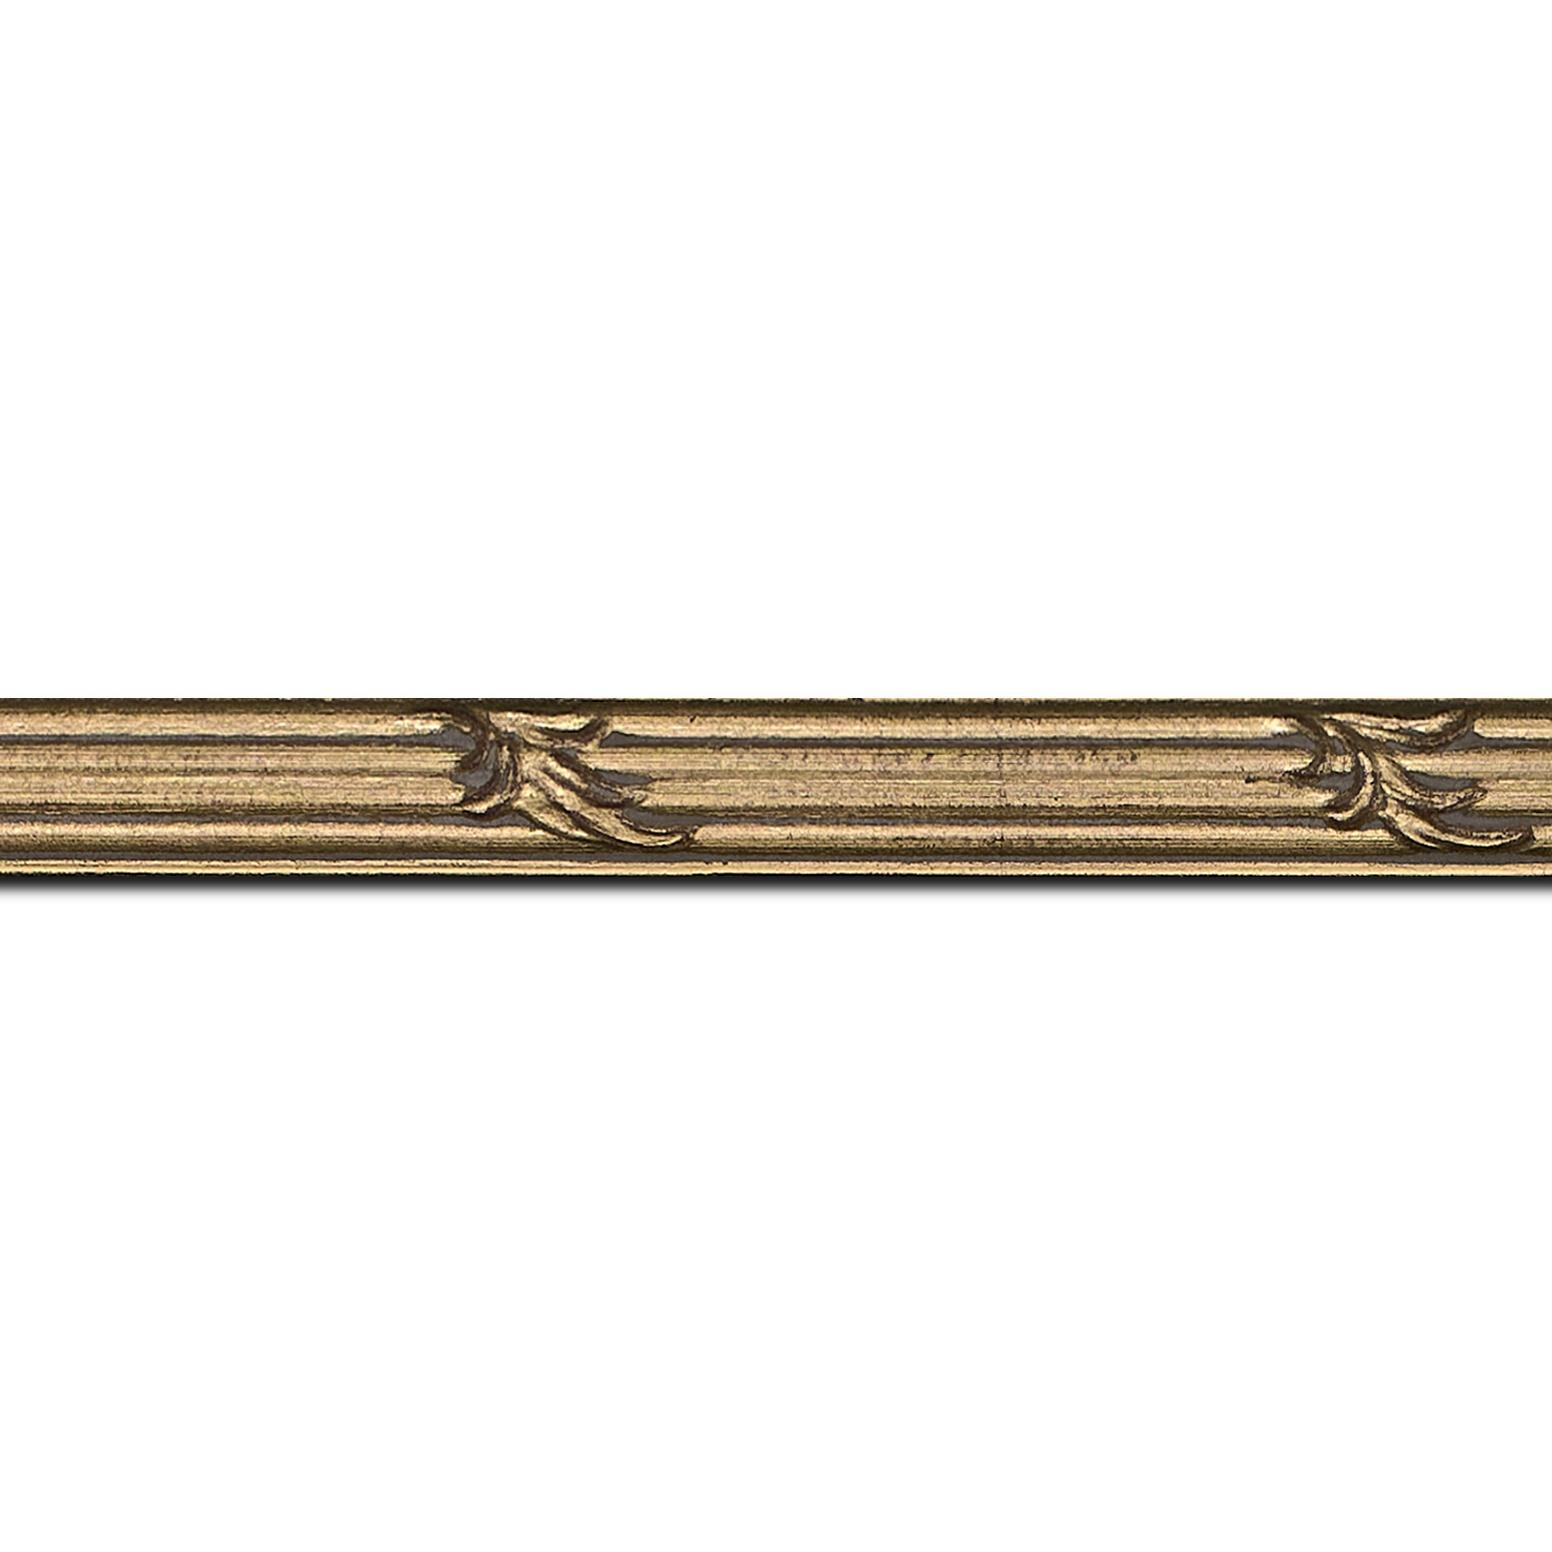 Pack par 12m, bois profil jonc largeur 1.5cm or style décor feuille (longueur baguette pouvant varier entre 2.40m et 3m selon arrivage des bois)